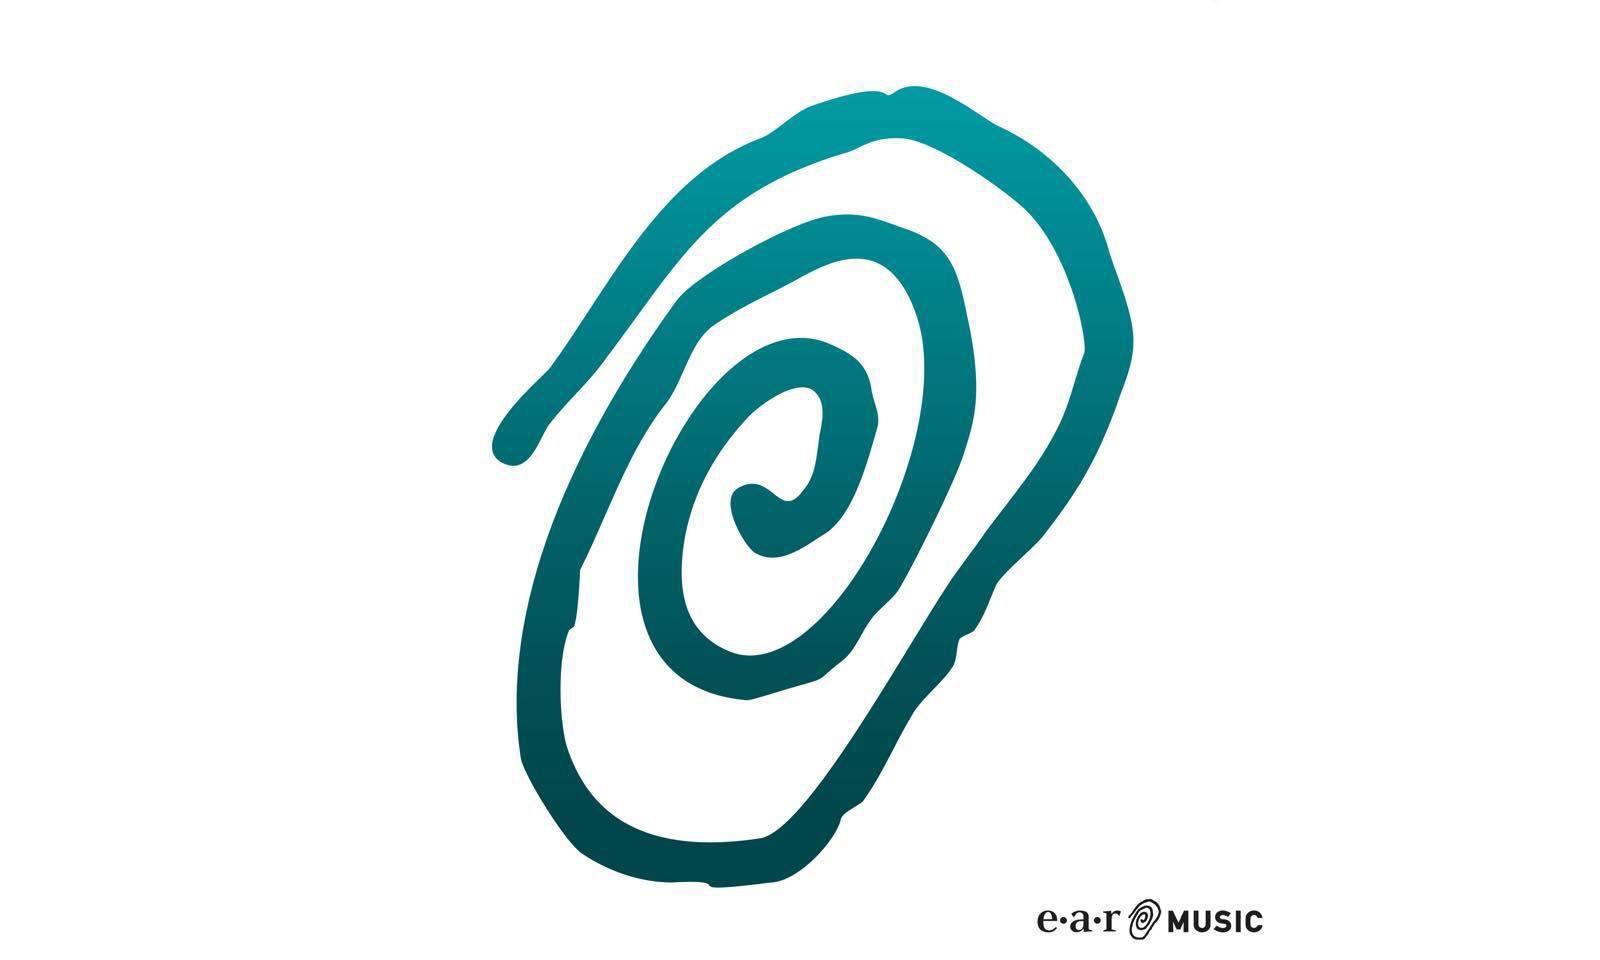 Resultado de imagem para EAR MUSIC INAUGURA SUA PÁGINA OFICIAL BRASILEIRA NO FACEBOOK